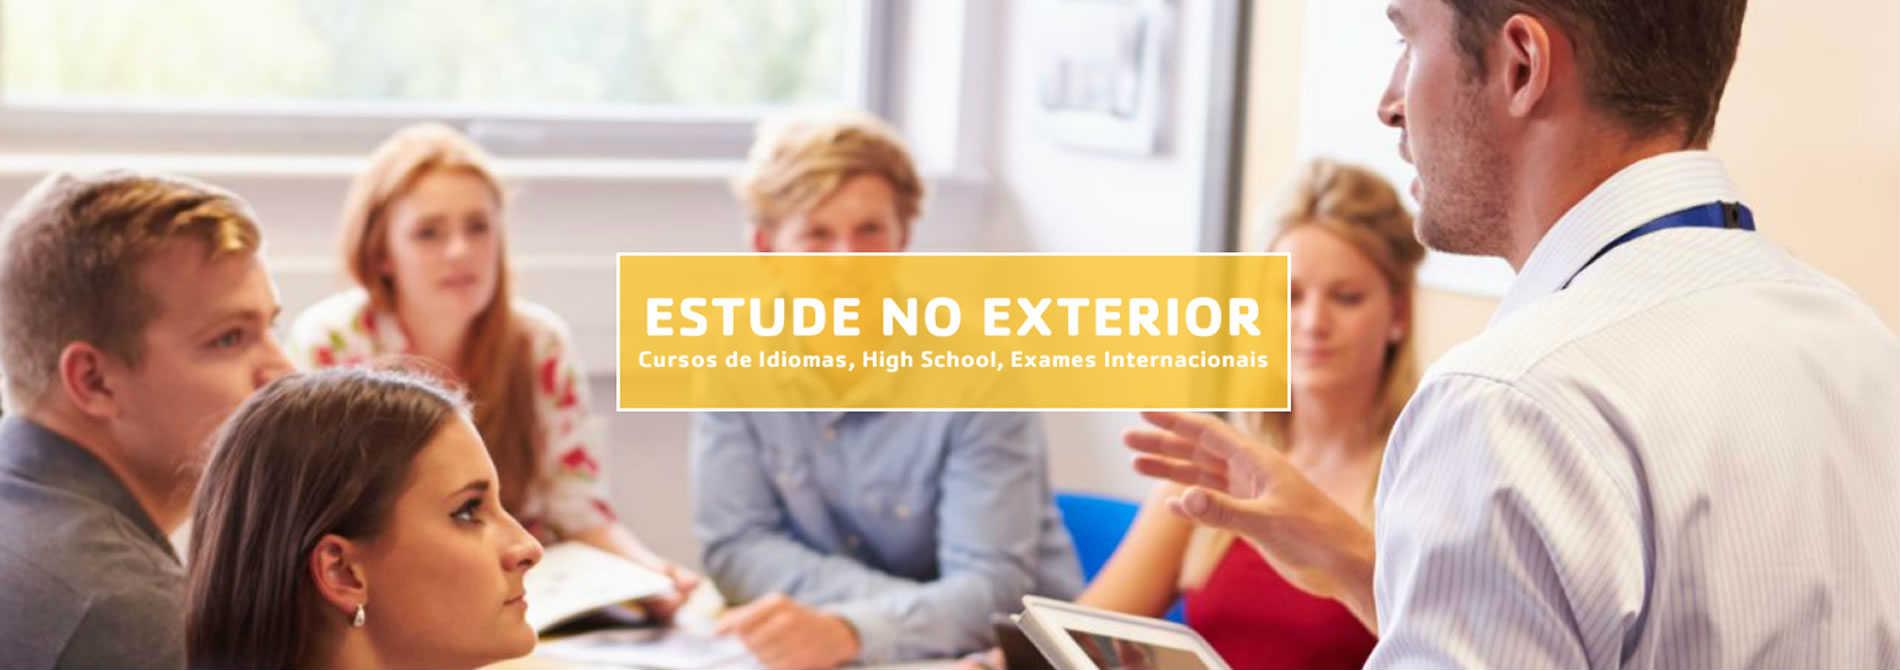 banner intercambio viagens internacional USA estudos cursos estude exterior jovens Belo horizonte agencia editado - Home